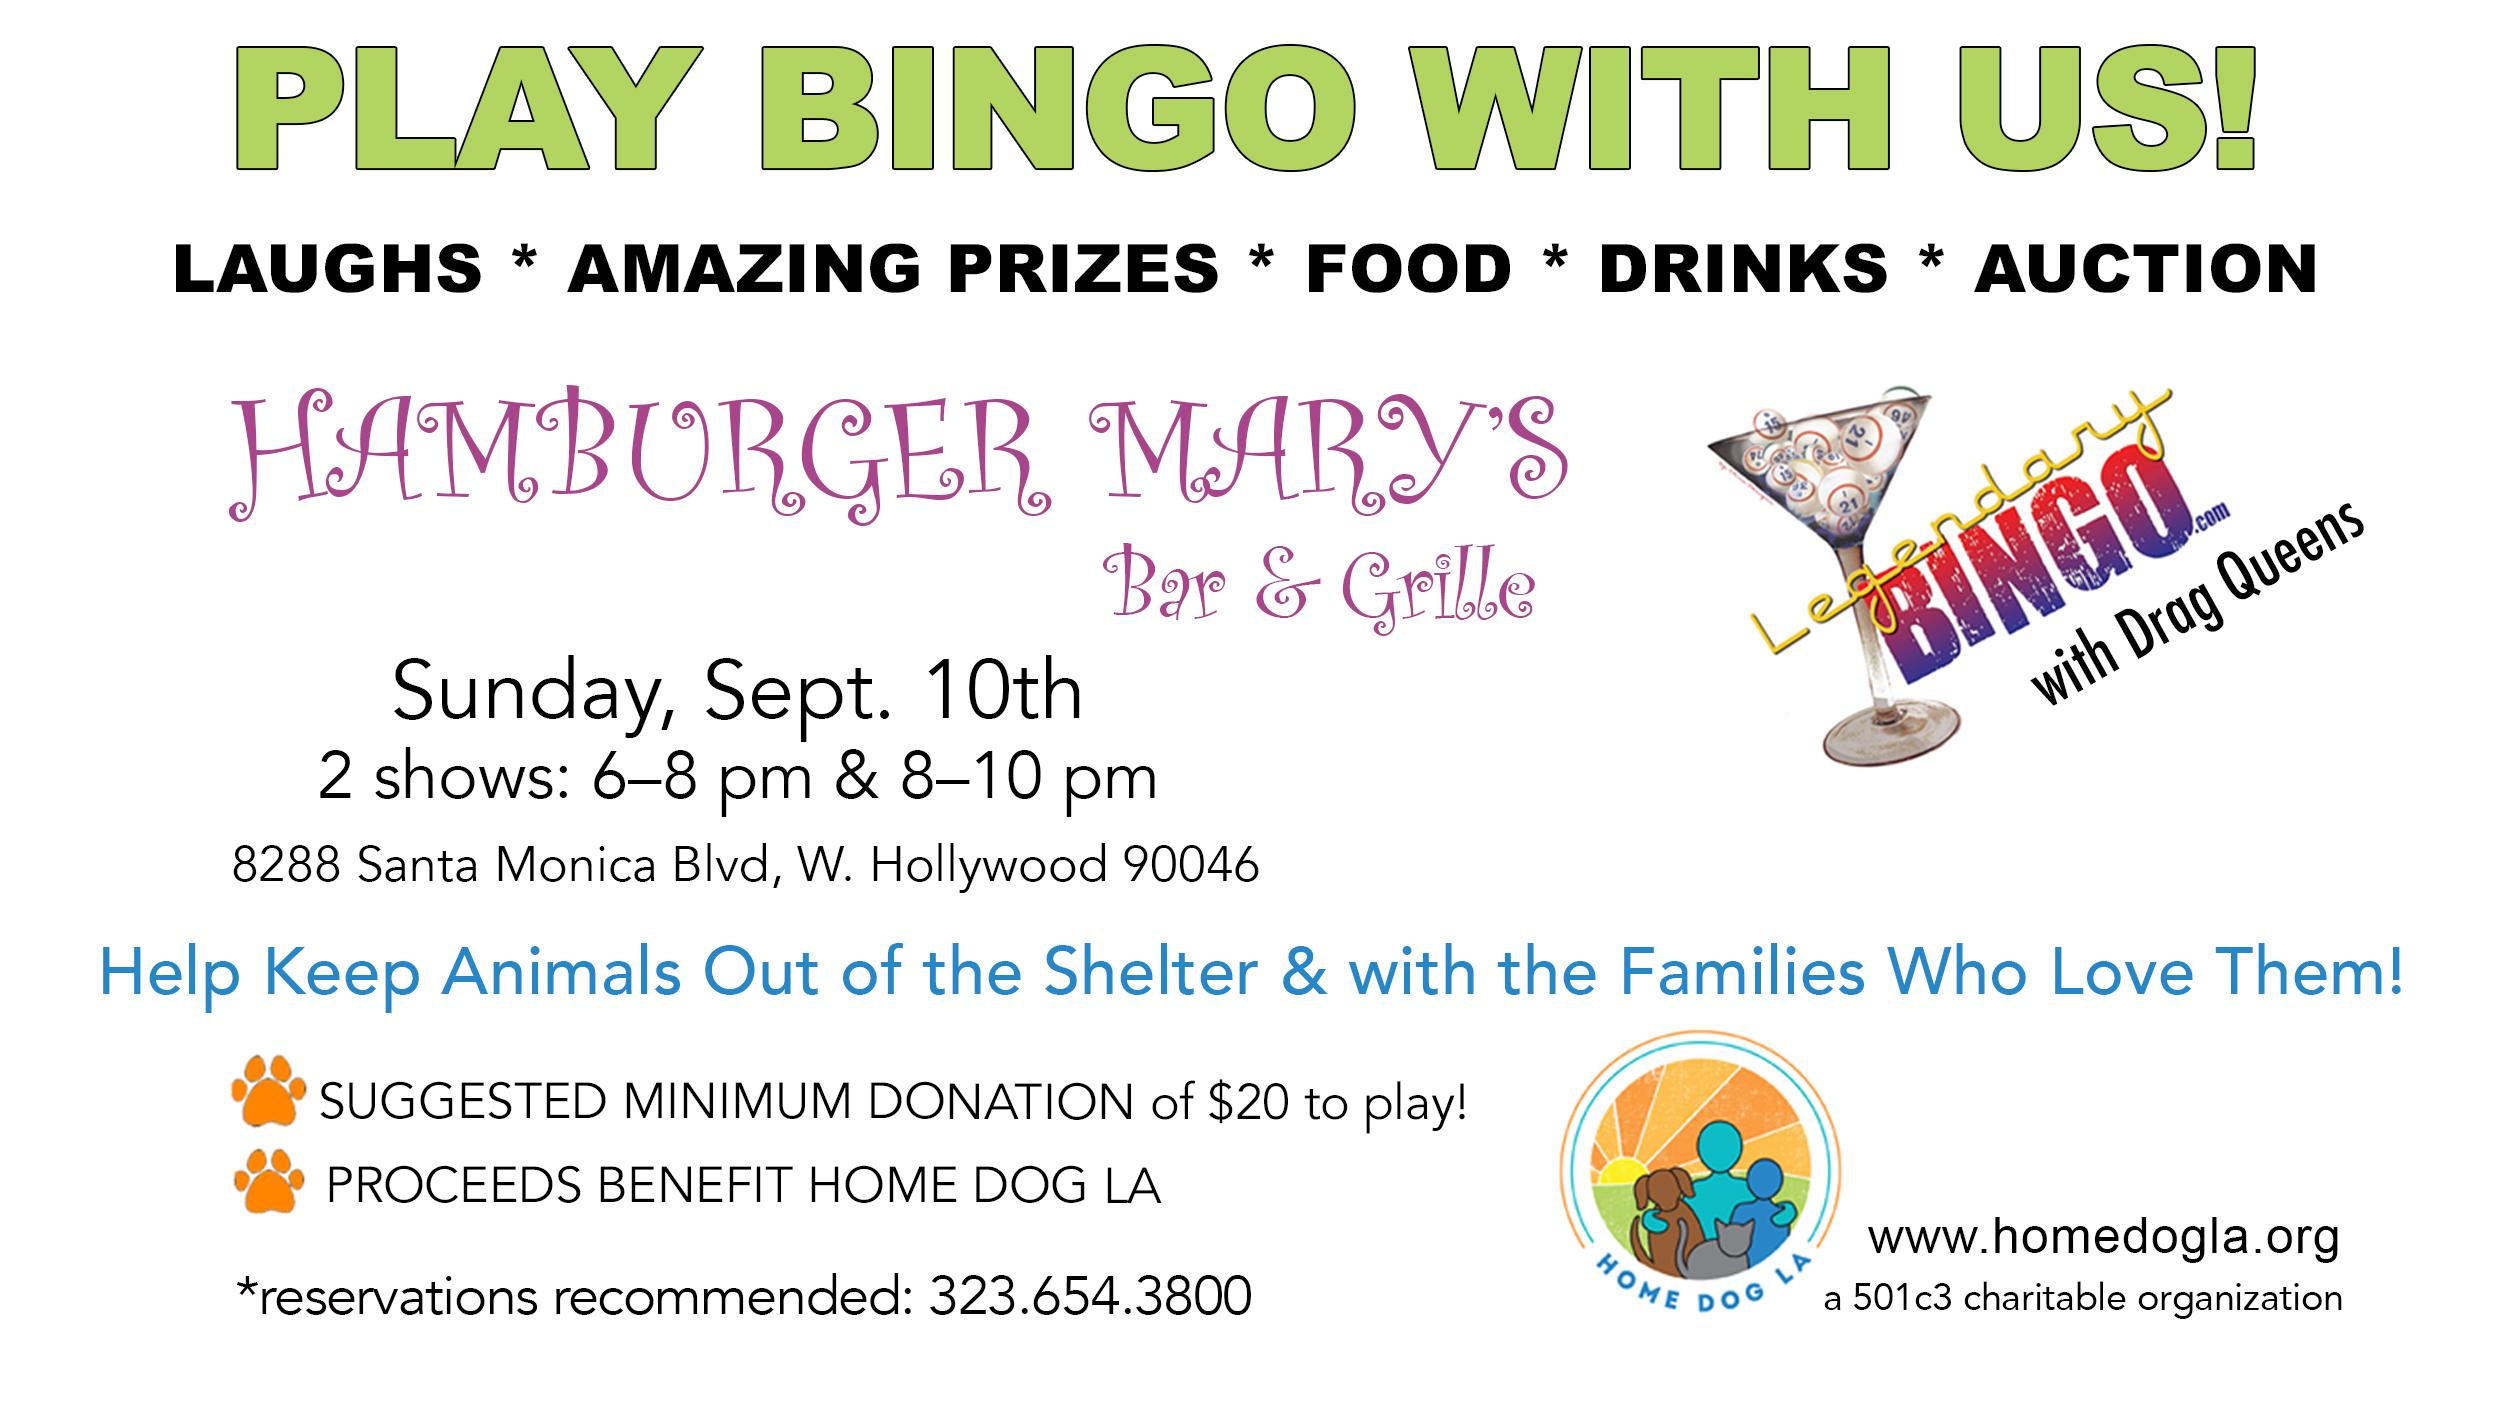 bingo event banner-sept2017 updated.jpg